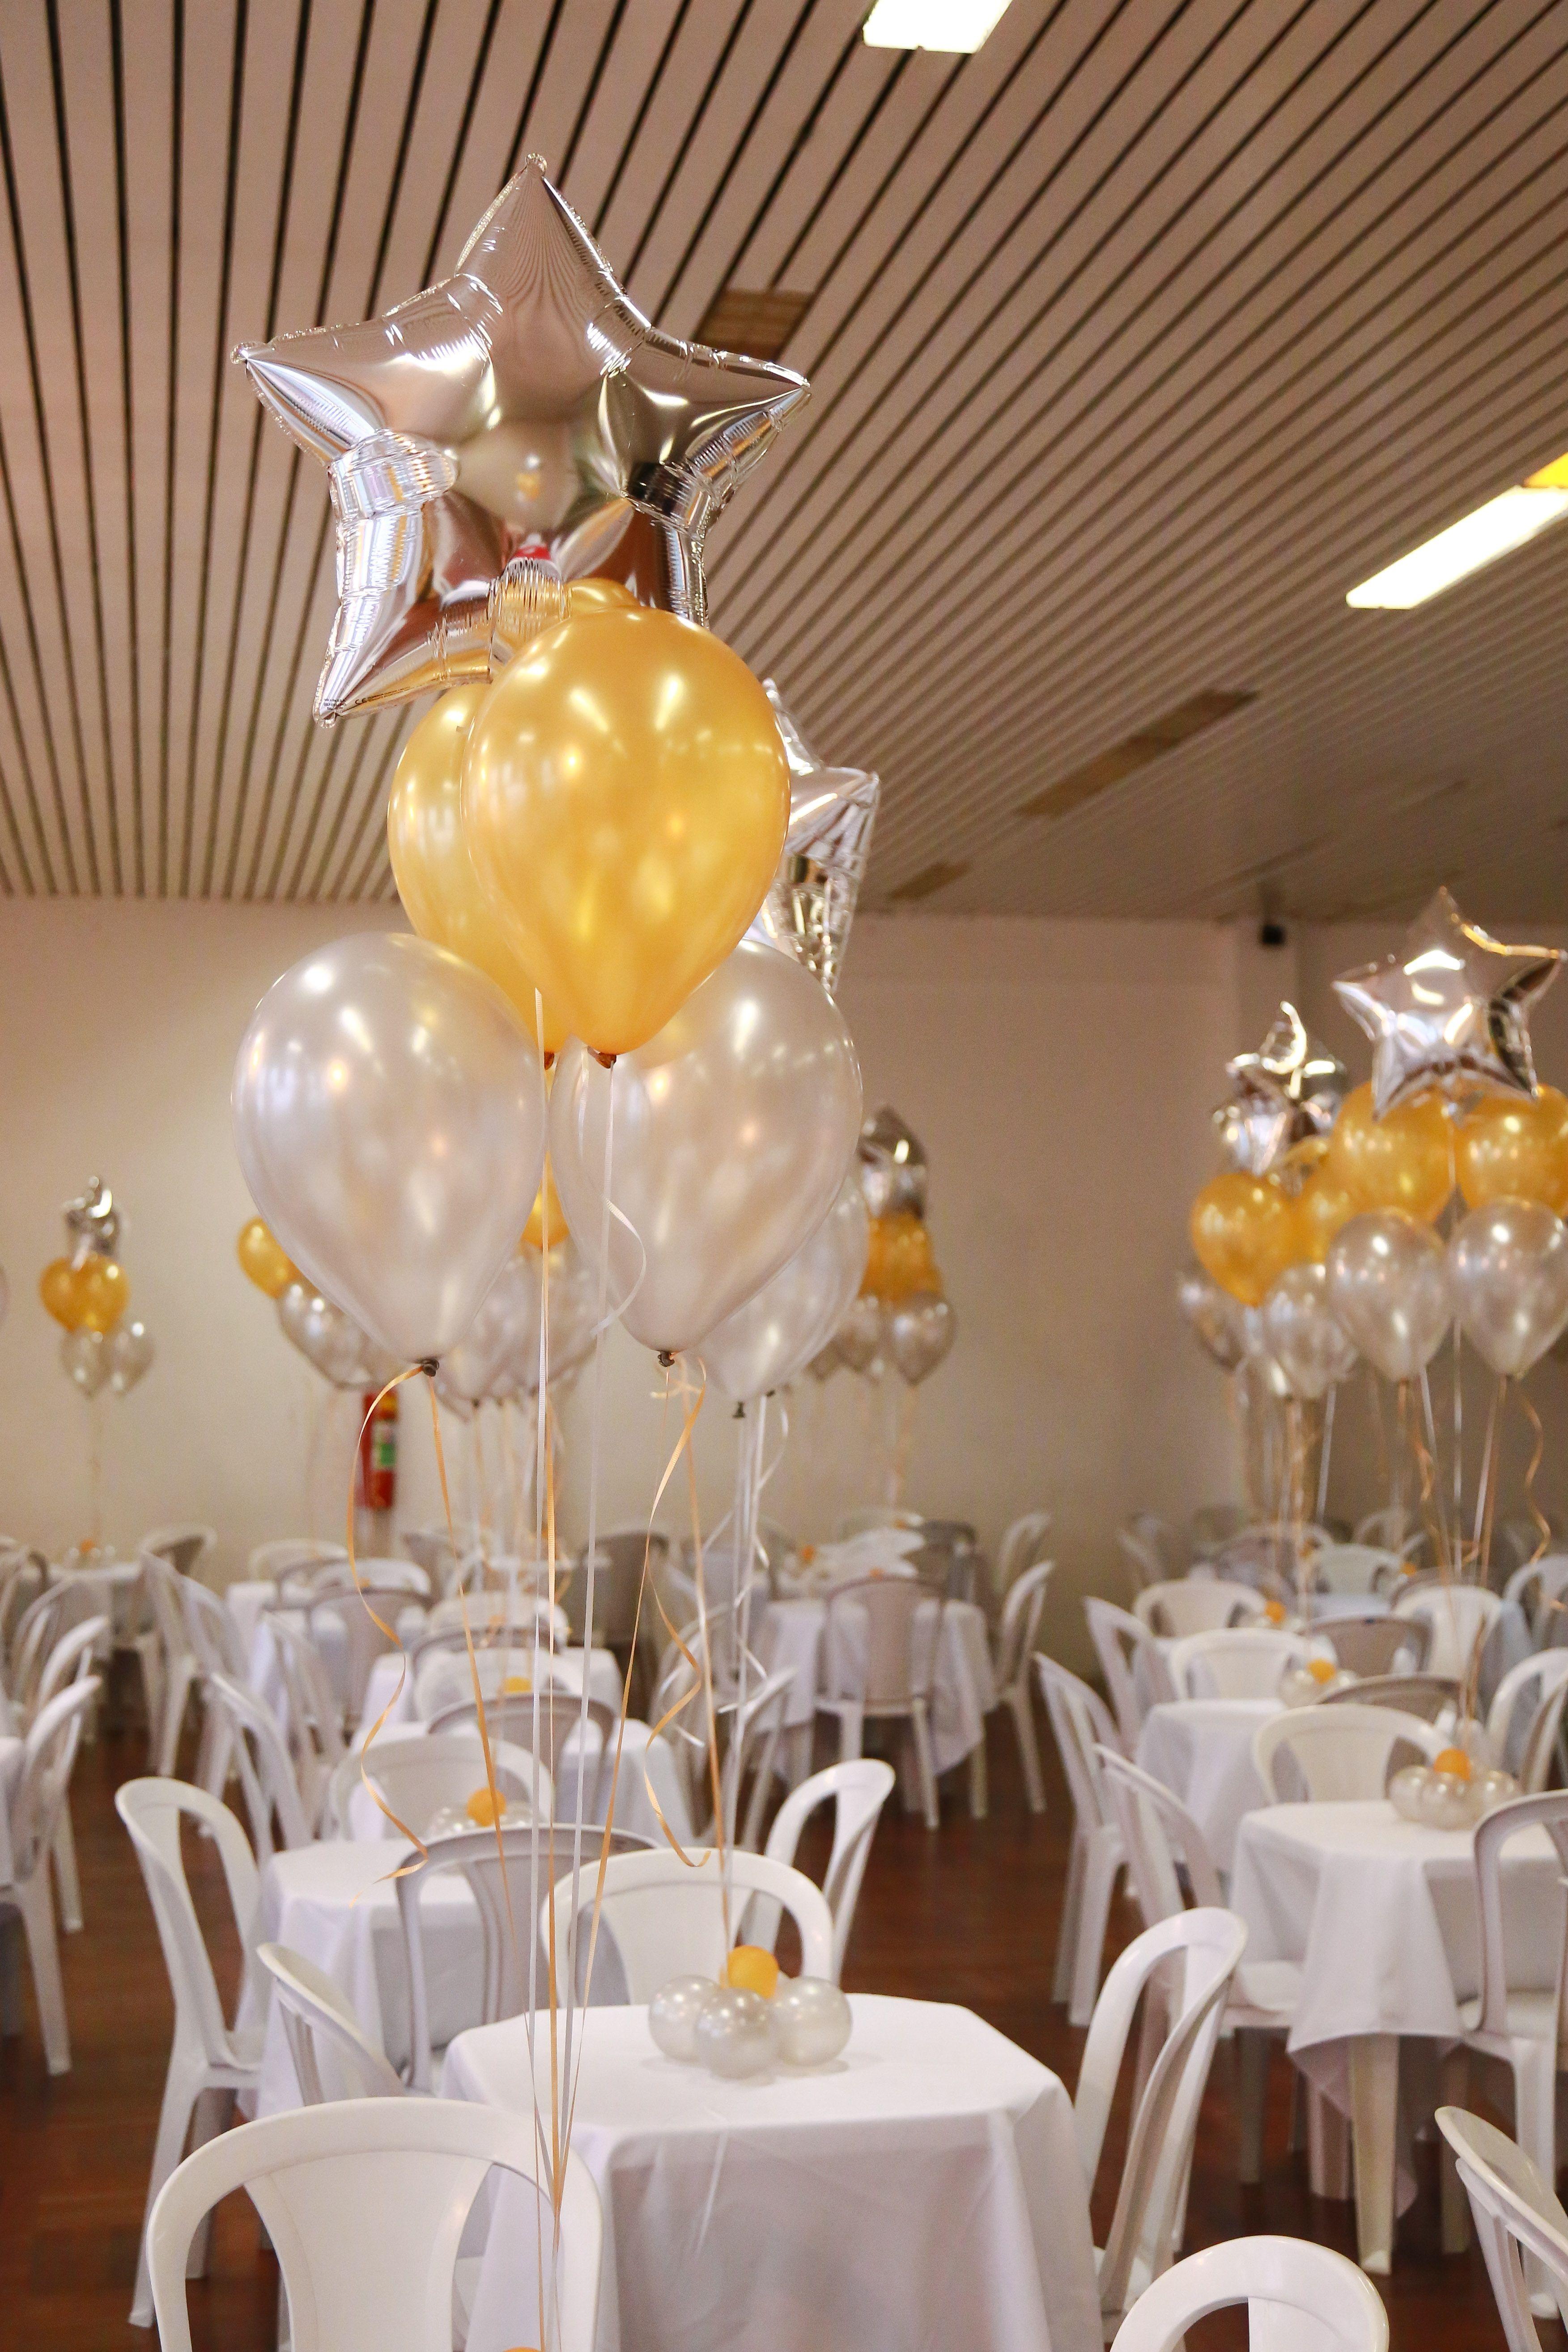 Mascara De Baloes Arranjo De Baloes Para Mesa De Convidados Festa